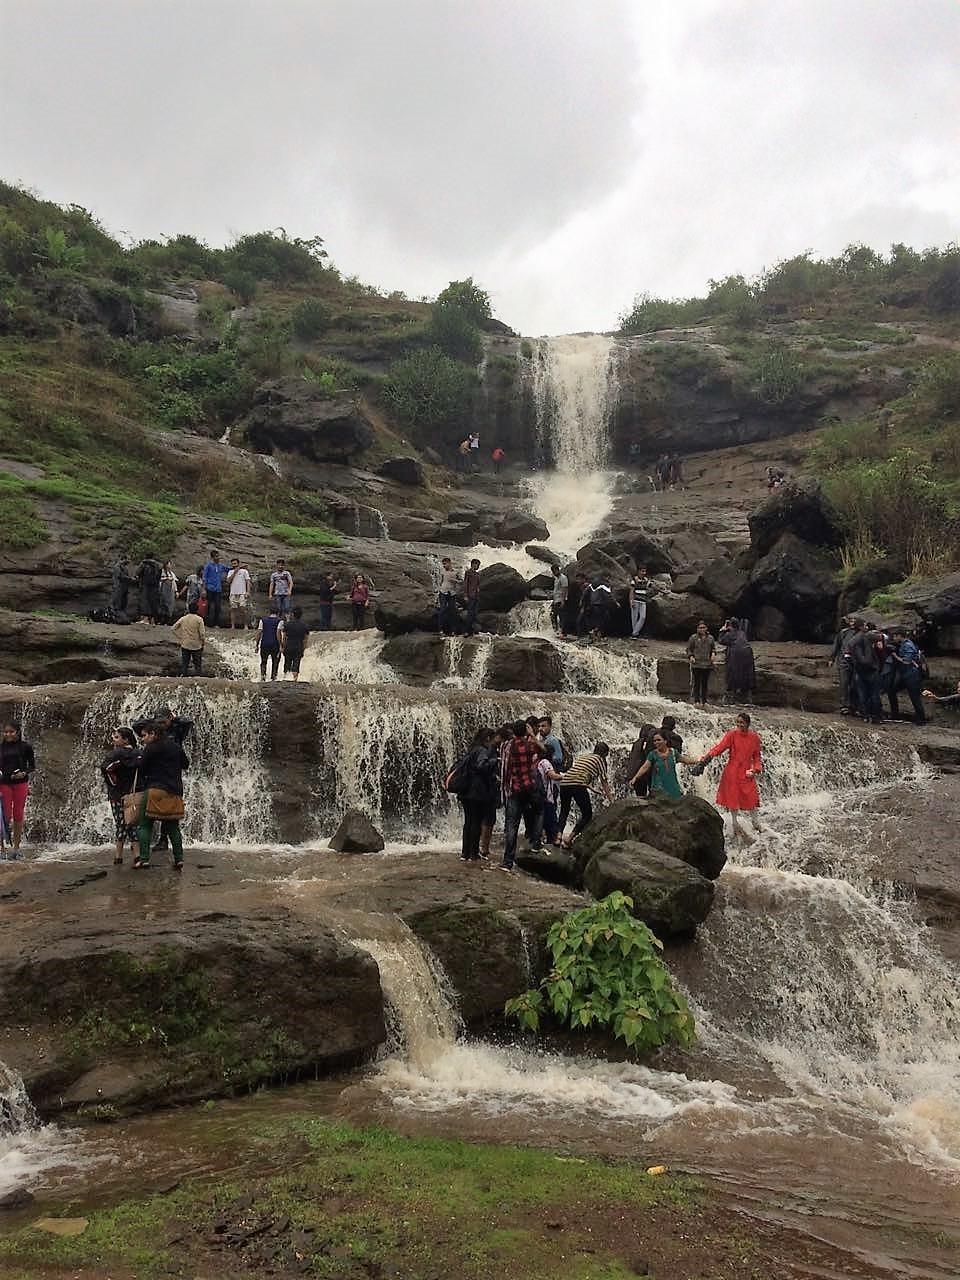 Visapur Waterfall